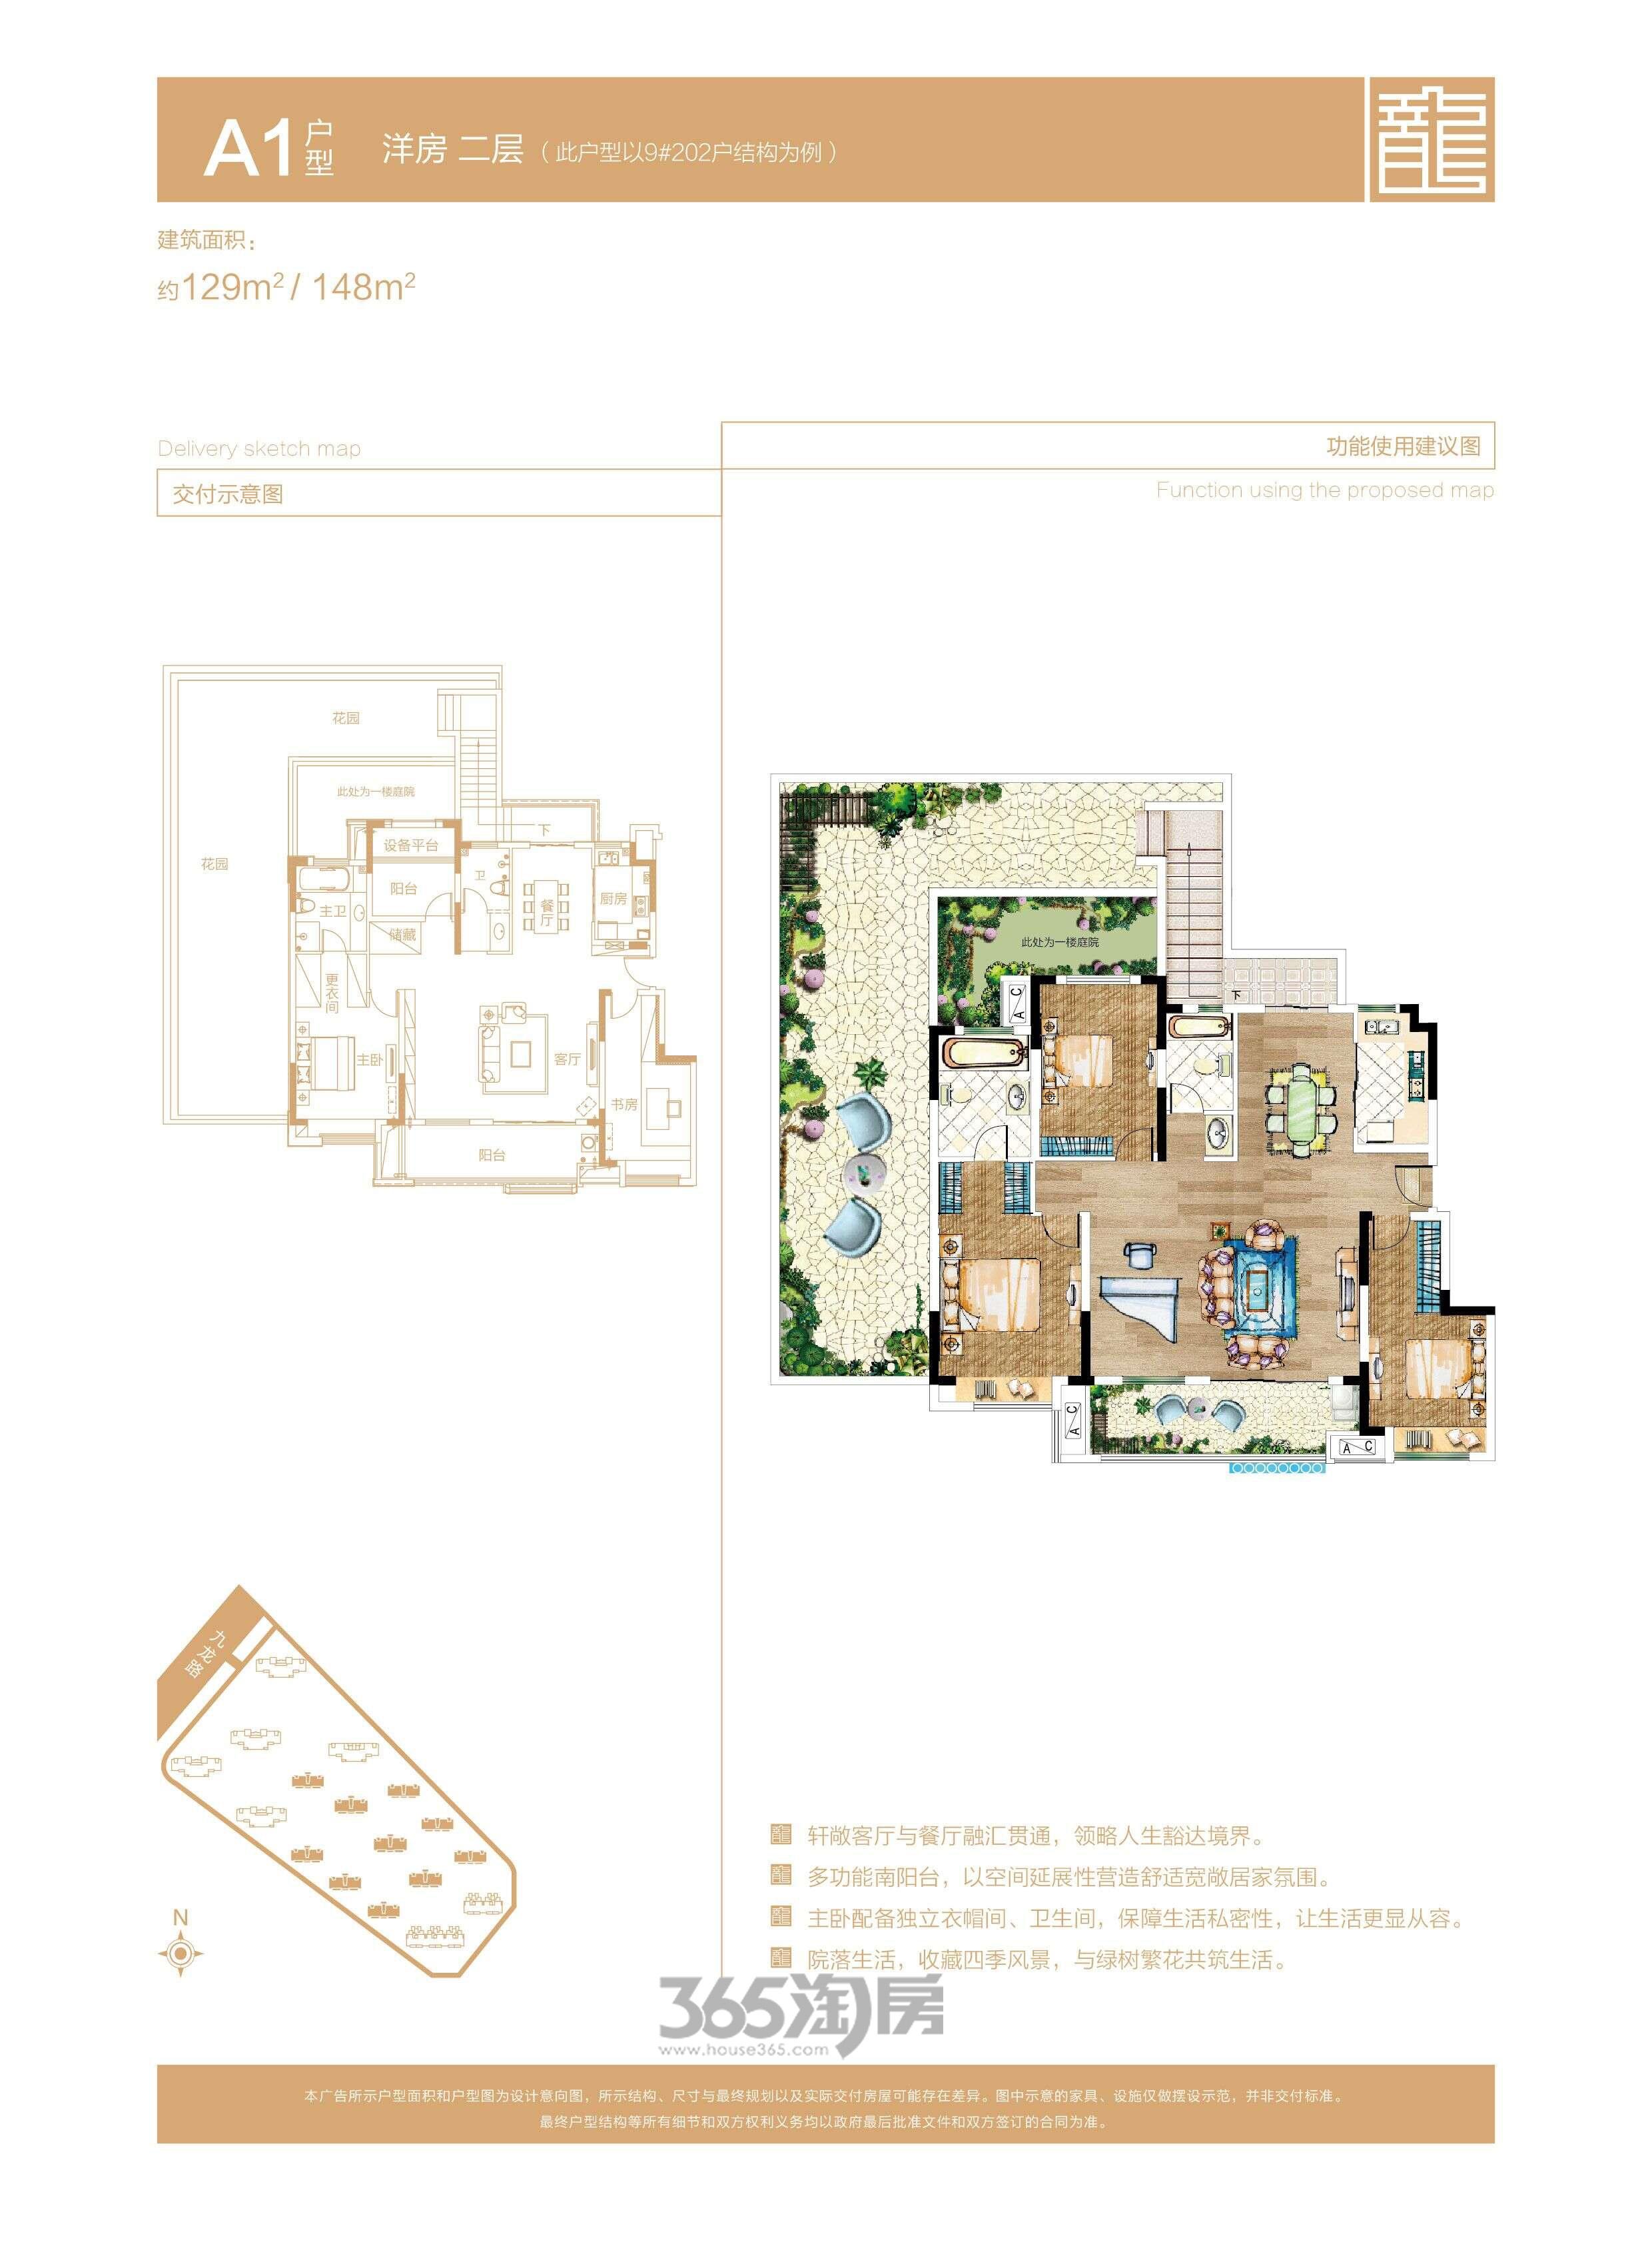 新华九龙首府洋房A1户型(129平米/148平米)